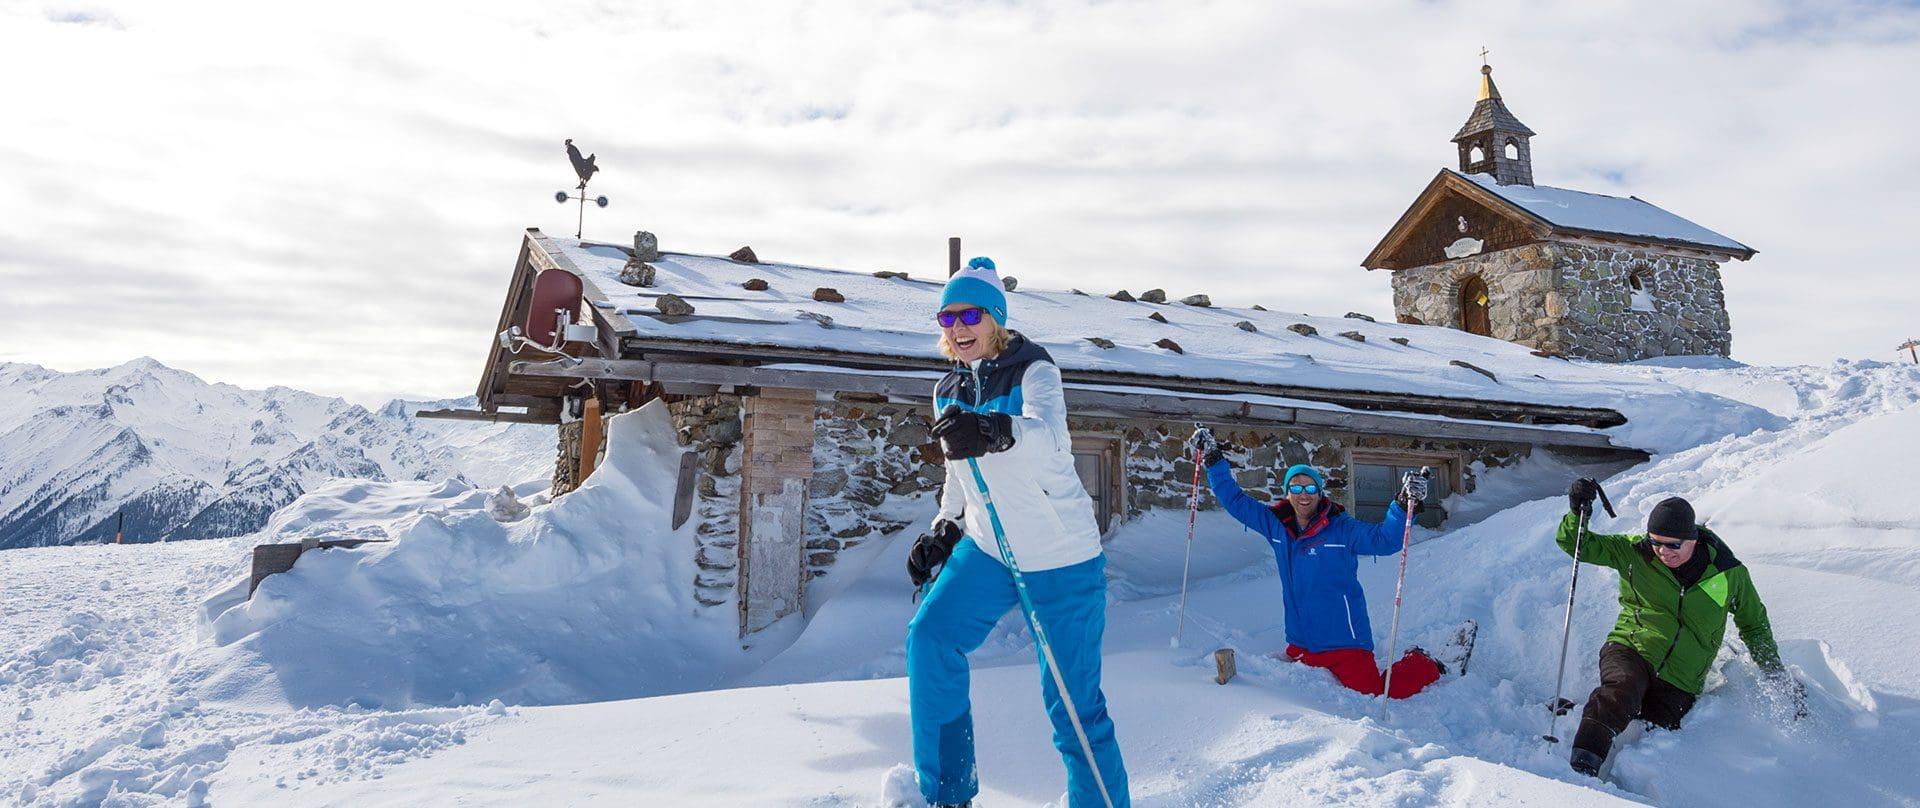 Schneeschuhwandern in Salzburg, Urlaubsregion Wildkogel